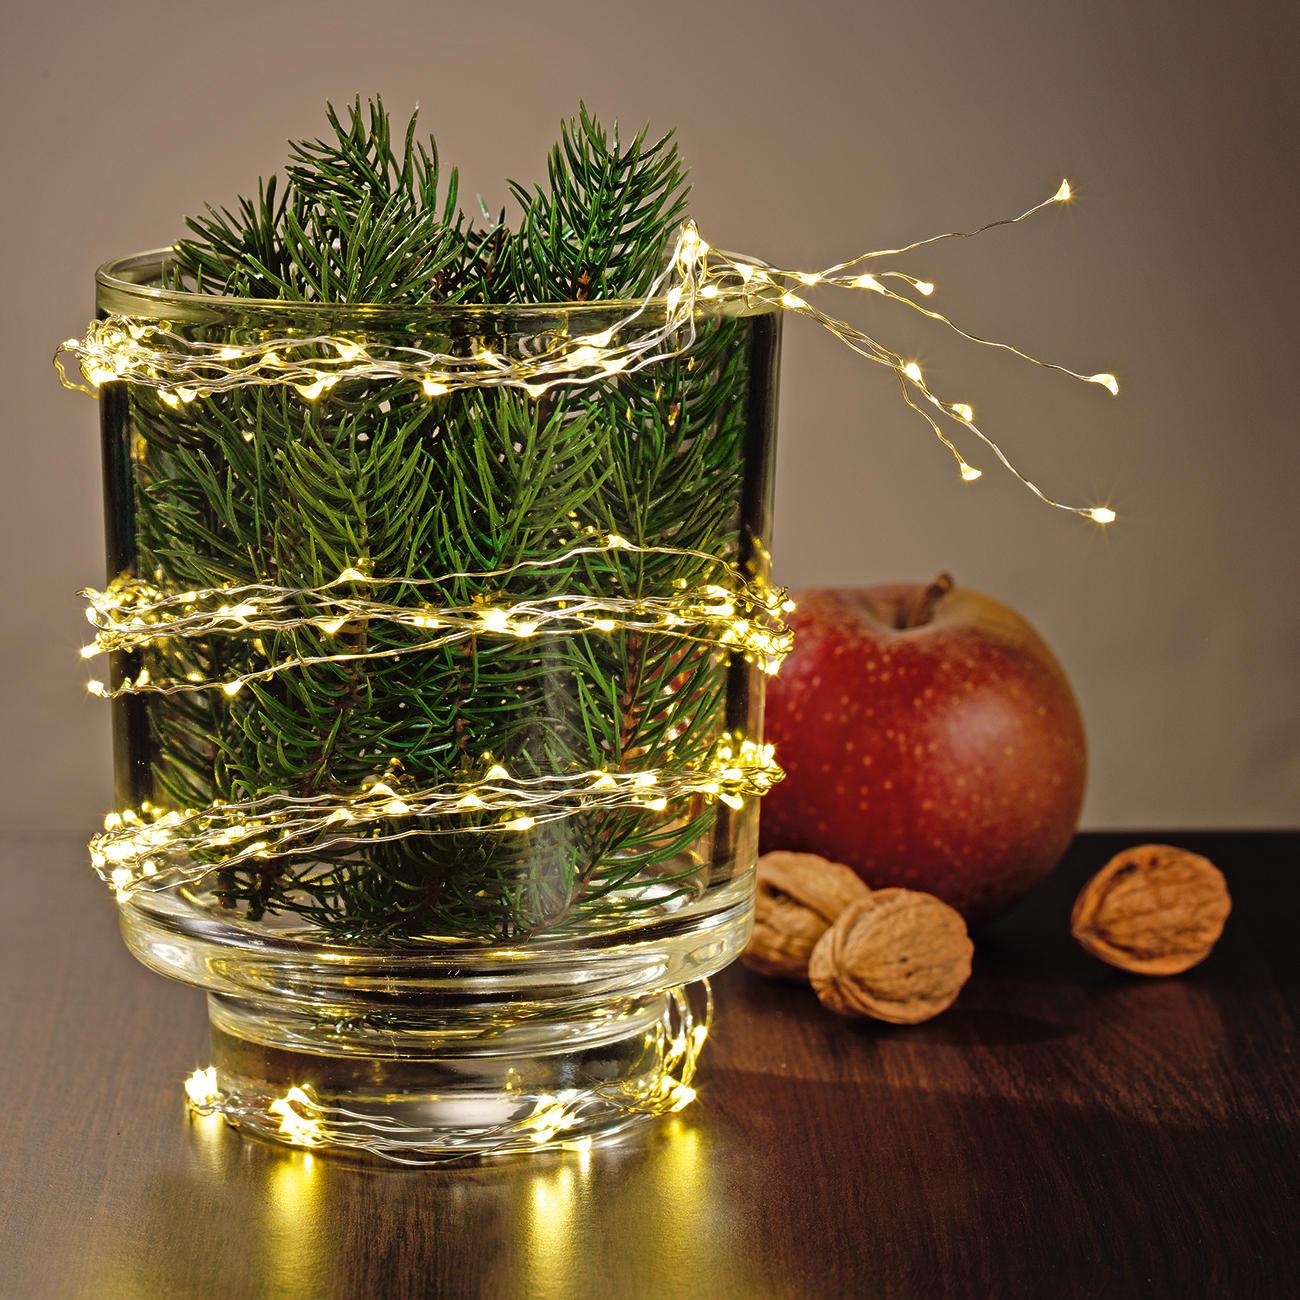 Weihnachtsbaum Engelshaar.Engelshaar Lichterkette 3 Jahre Garantie Pro Idee